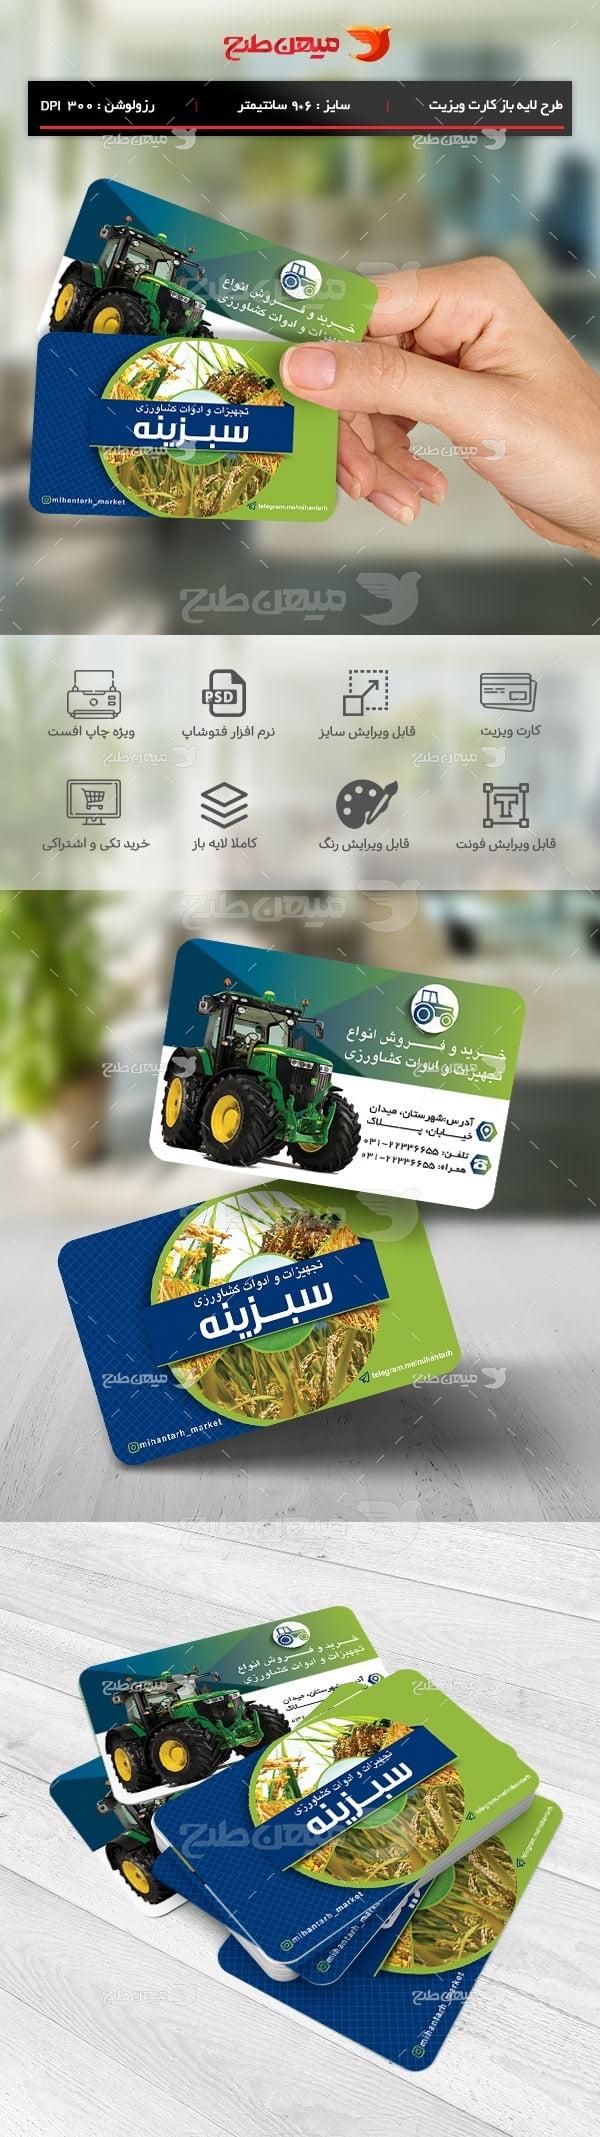 طرح لایه باز کارت ویزیت تجهیزات و ادوات کشاورزی